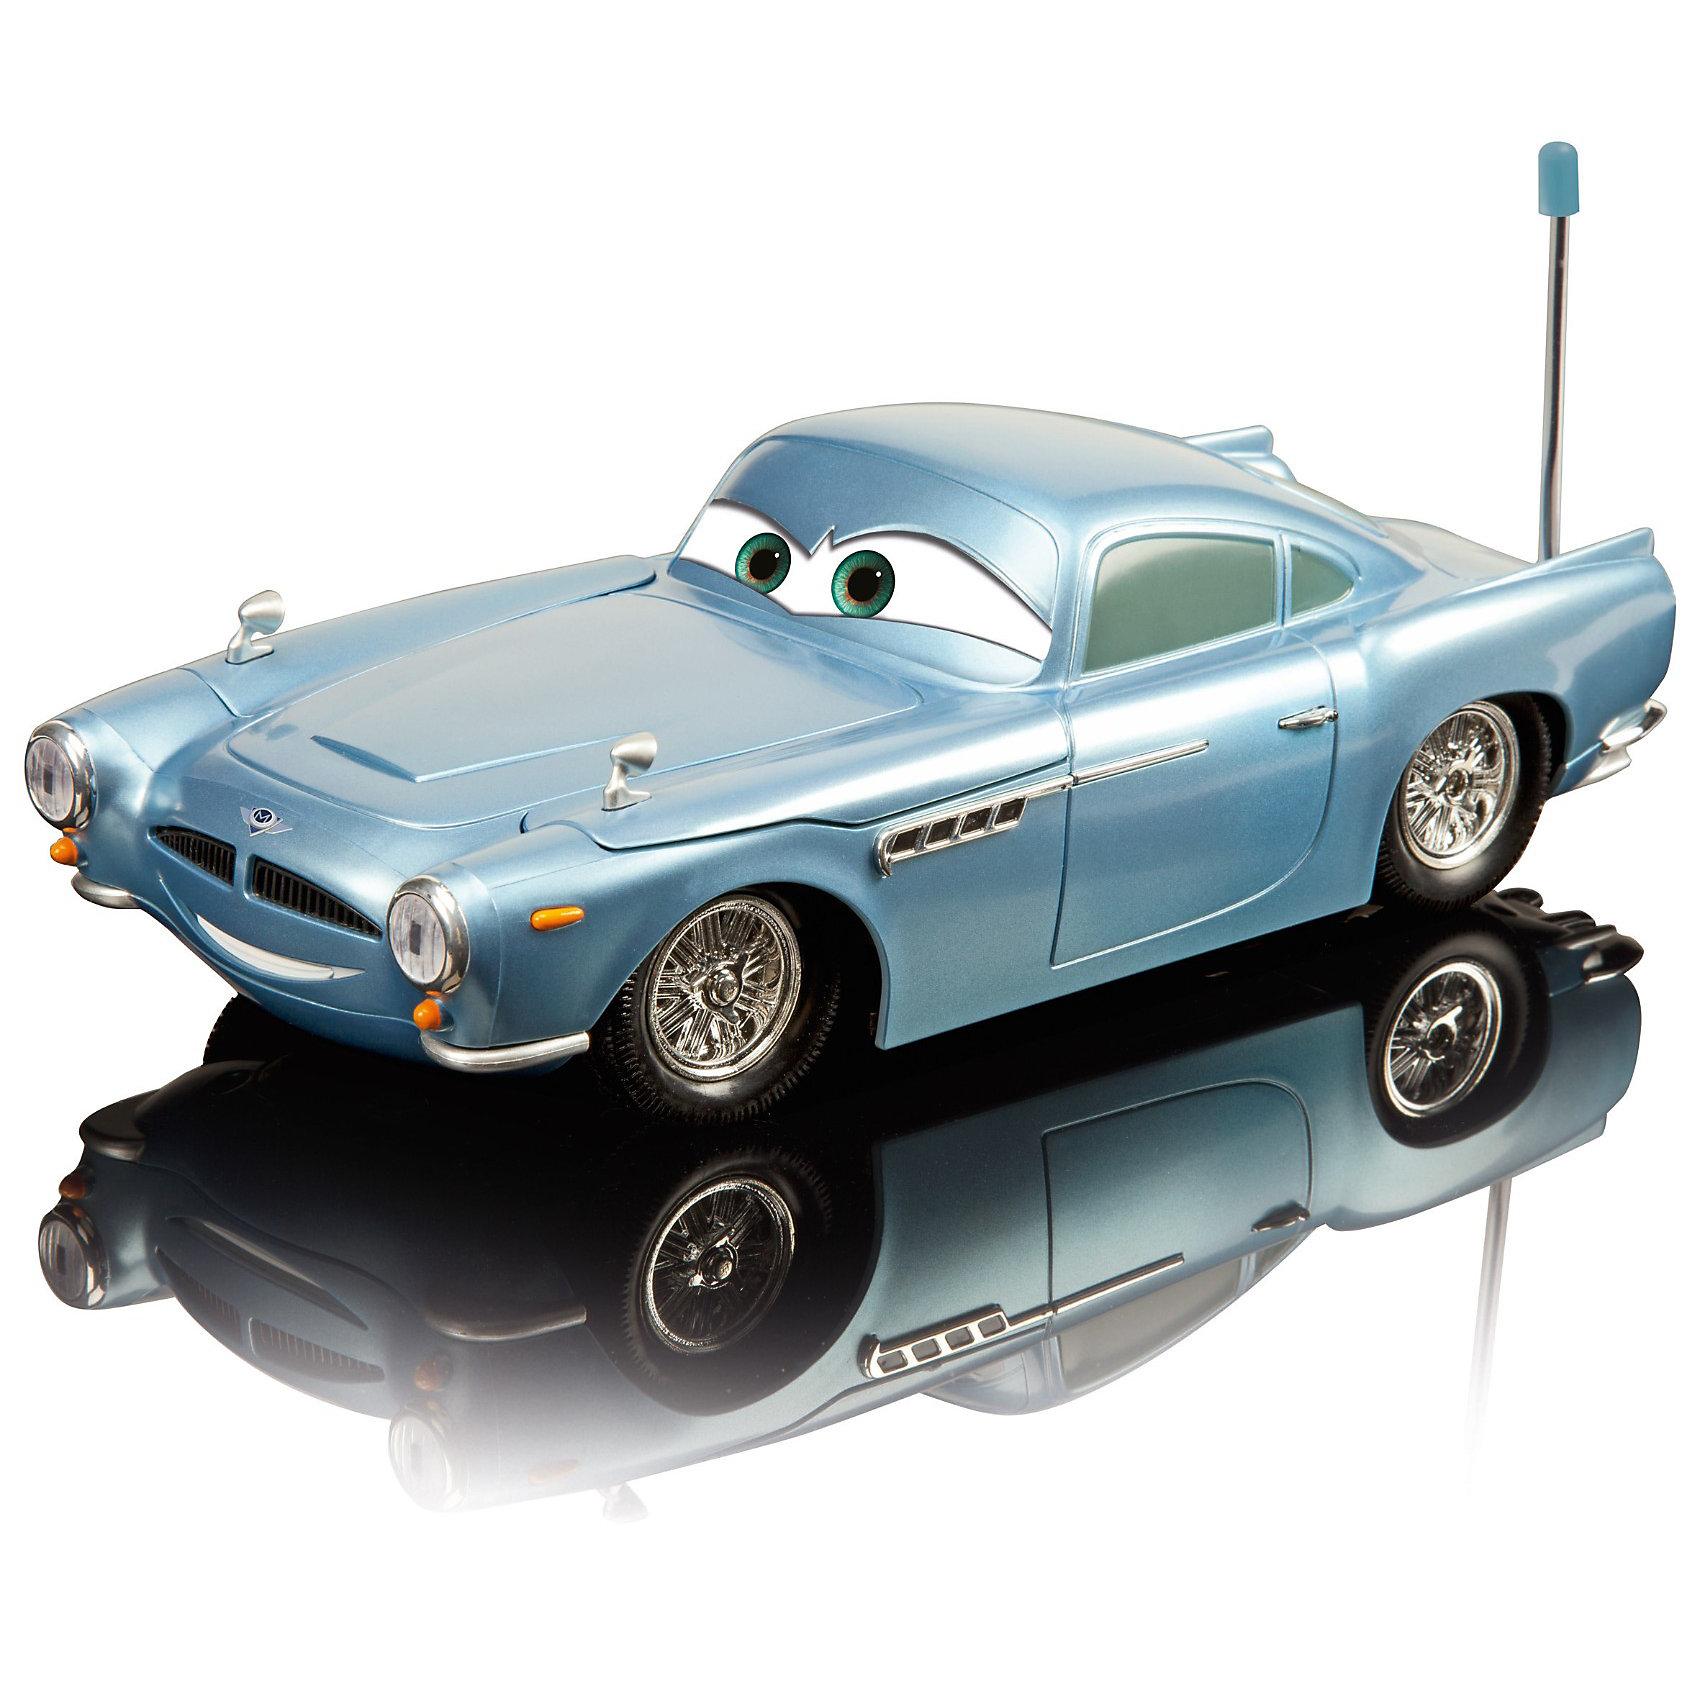 Финн на р/у (свет+звук), Тачки, 1:16, 29 смАвтомобиль Финн  (Finn) Dickie на радиоуправлении порадует всех юных поклонников  мультсериала Тачки (Cars). Финн - машина британский шпион, который любит использовать различные технические приспособления, имеет полный арсенал оружия, даже ракетную пусковую установку.<br><br>Машинка оснащена передними пушками, которые стреляют ракетами и задними пушками со световыми и звуковыми эффектами. Управление при помощи рычагов на пульте: машинку можно передвигать назад, вперед, влево и вправо. Есть кнопка, которая открывает справа и слева грязезащитные крылья, из которых вылетают ракеты, защищающие от злодеев. Багажник оснащен лазерной пушкой. <br><br>Частота 27+40 МГц.<br><br>Дополнительная информация:<br><br>- Масштаб: 1:16.<br>- Материал: высококачественный пластик.<br>- Требуются батарейки: в пульт - 2 х LR6(AA), в машину - 6 х LR6(AA) в комплект не входят.<br>- Размер машины: 29 см.<br>- Размер упаковки: 46 х 22,7 х 17,2 см.<br>- Вес: 1,245 кг. <br><br>Машинка Финн (Тачки (Cars)) на радиоуправлении Dickie можно купить в нашем интернет-магазине.<br><br>Ширина мм: 460<br>Глубина мм: 227<br>Высота мм: 172<br>Вес г: 1245<br>Возраст от месяцев: 72<br>Возраст до месяцев: 1164<br>Пол: Мужской<br>Возраст: Детский<br>SKU: 2200381